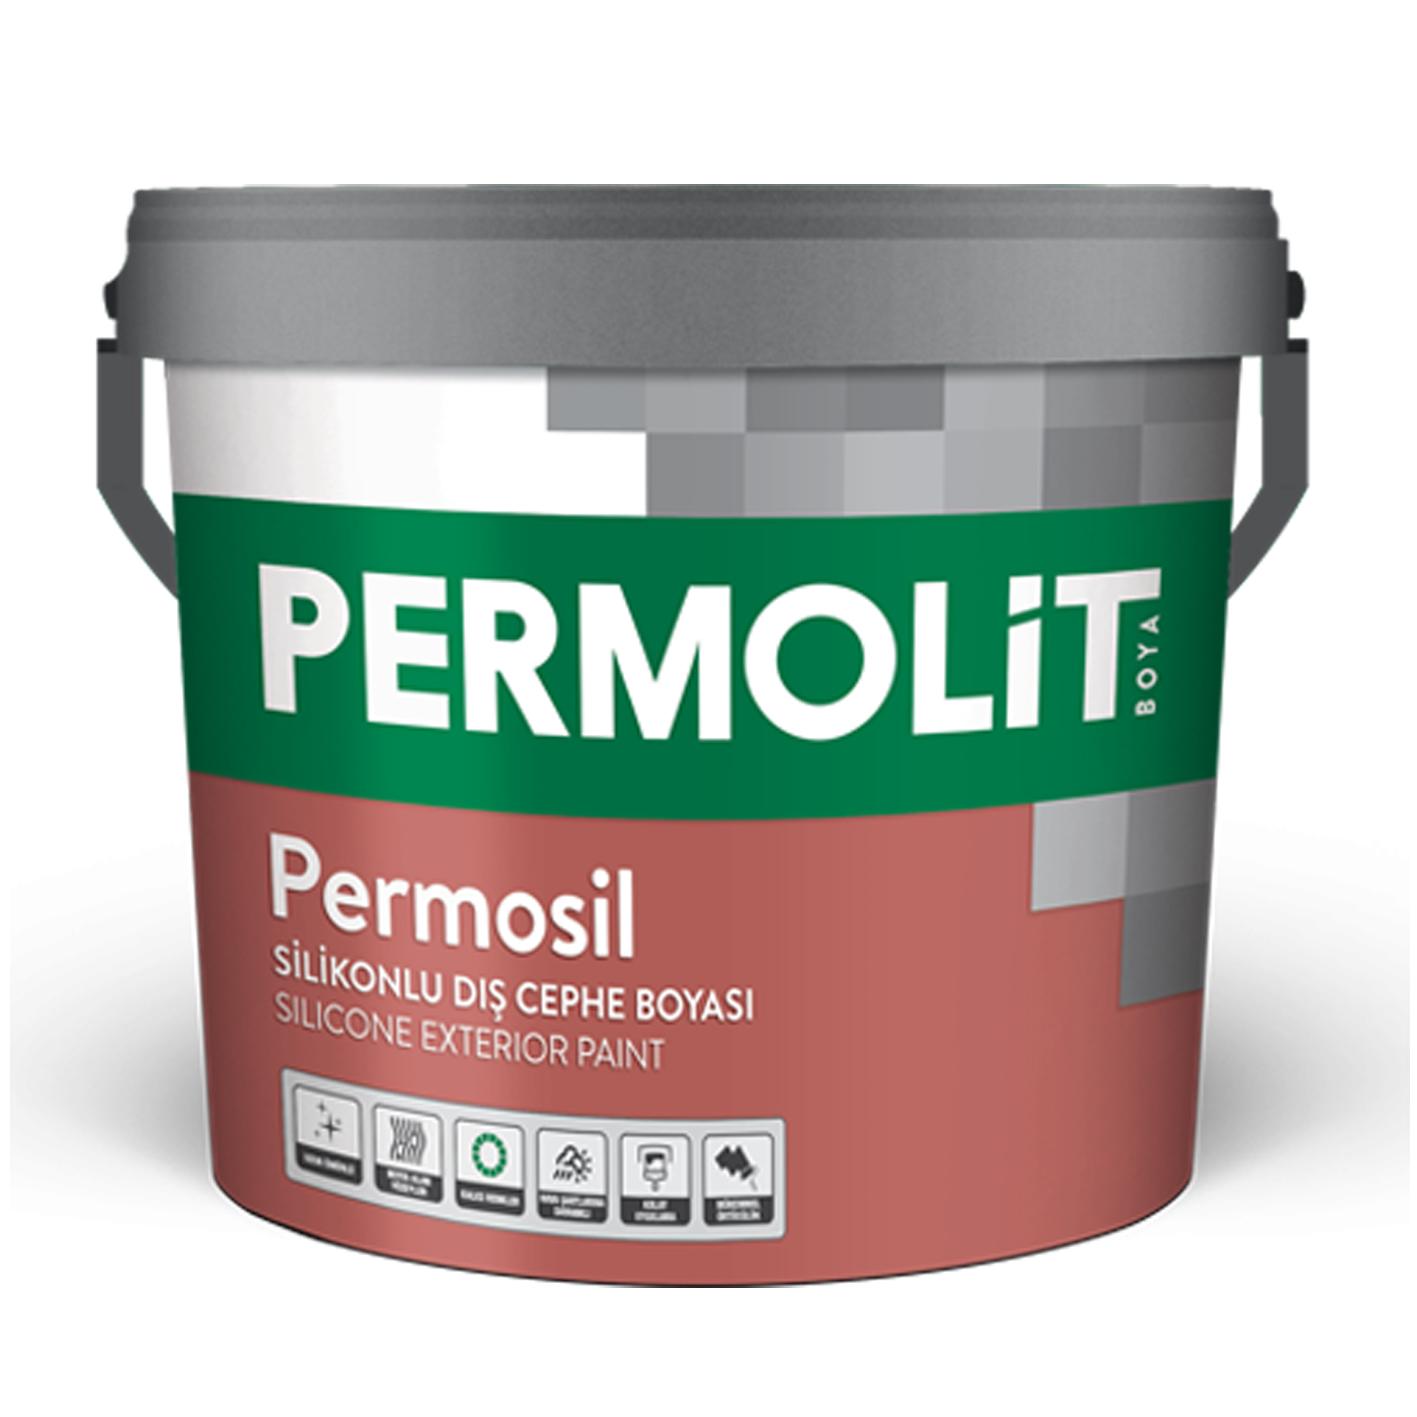 Permolit Permosil Dış Cephe Beyaz Baz 20Kg